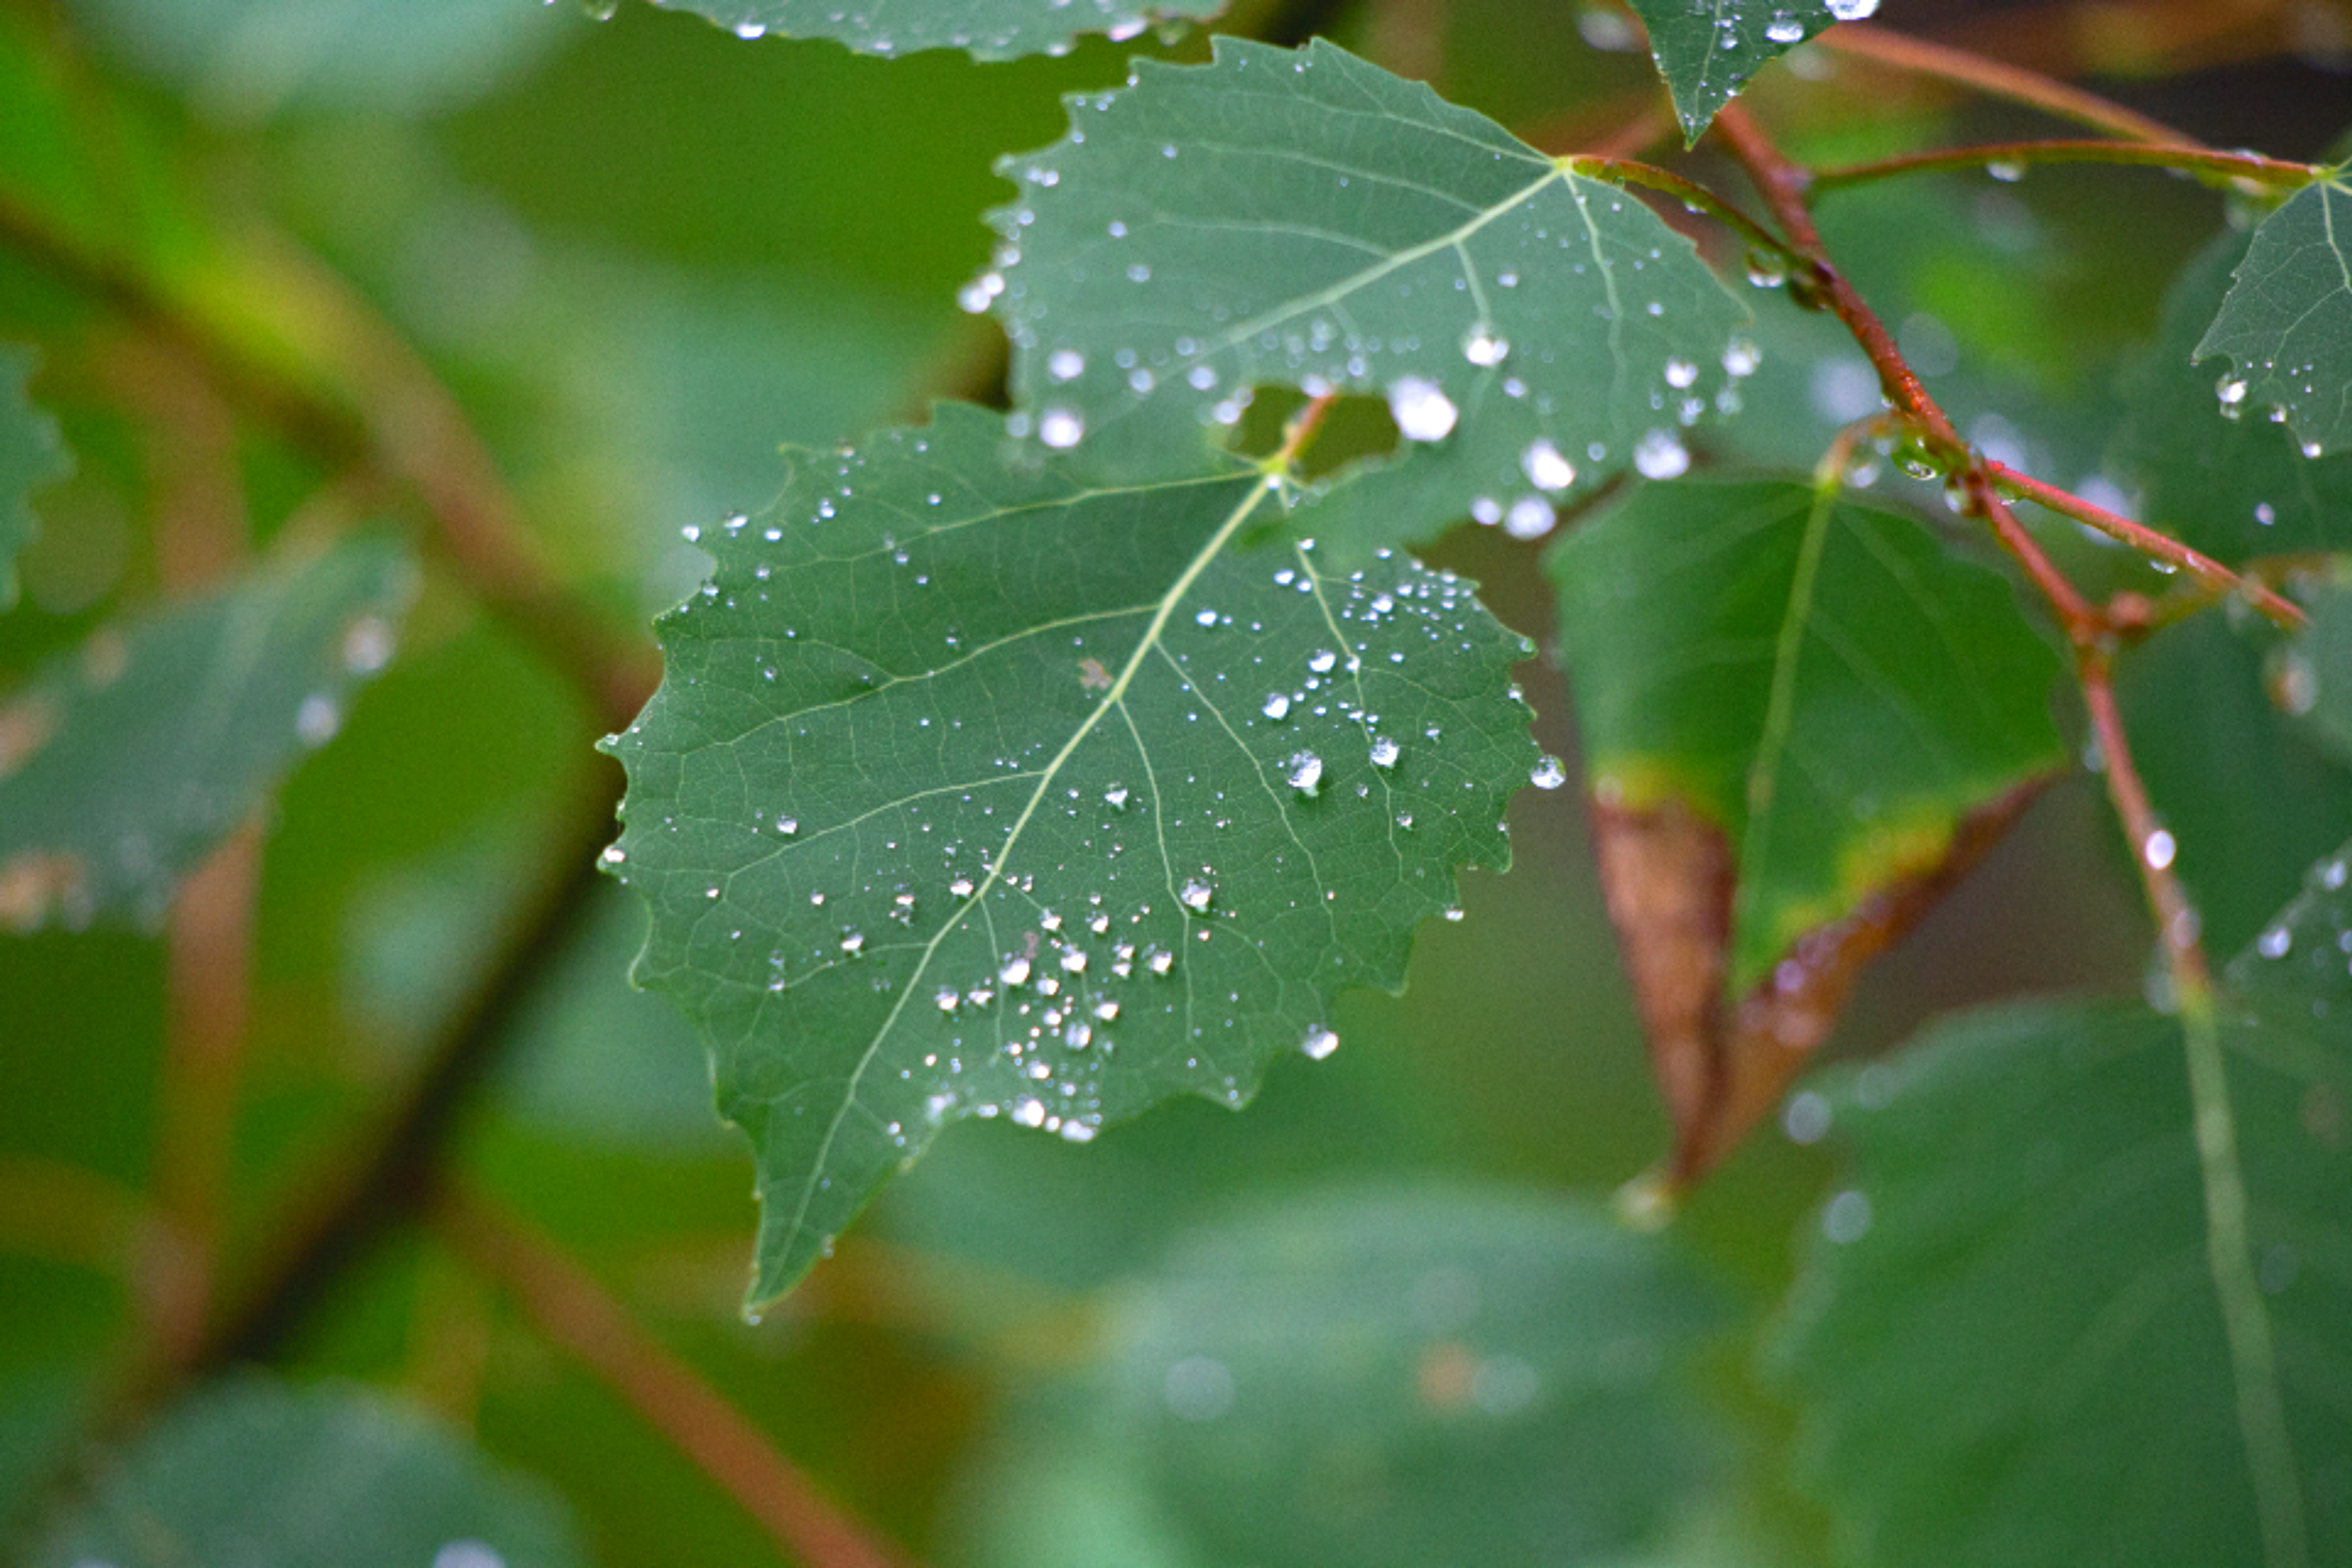 Moisture on plant leaves